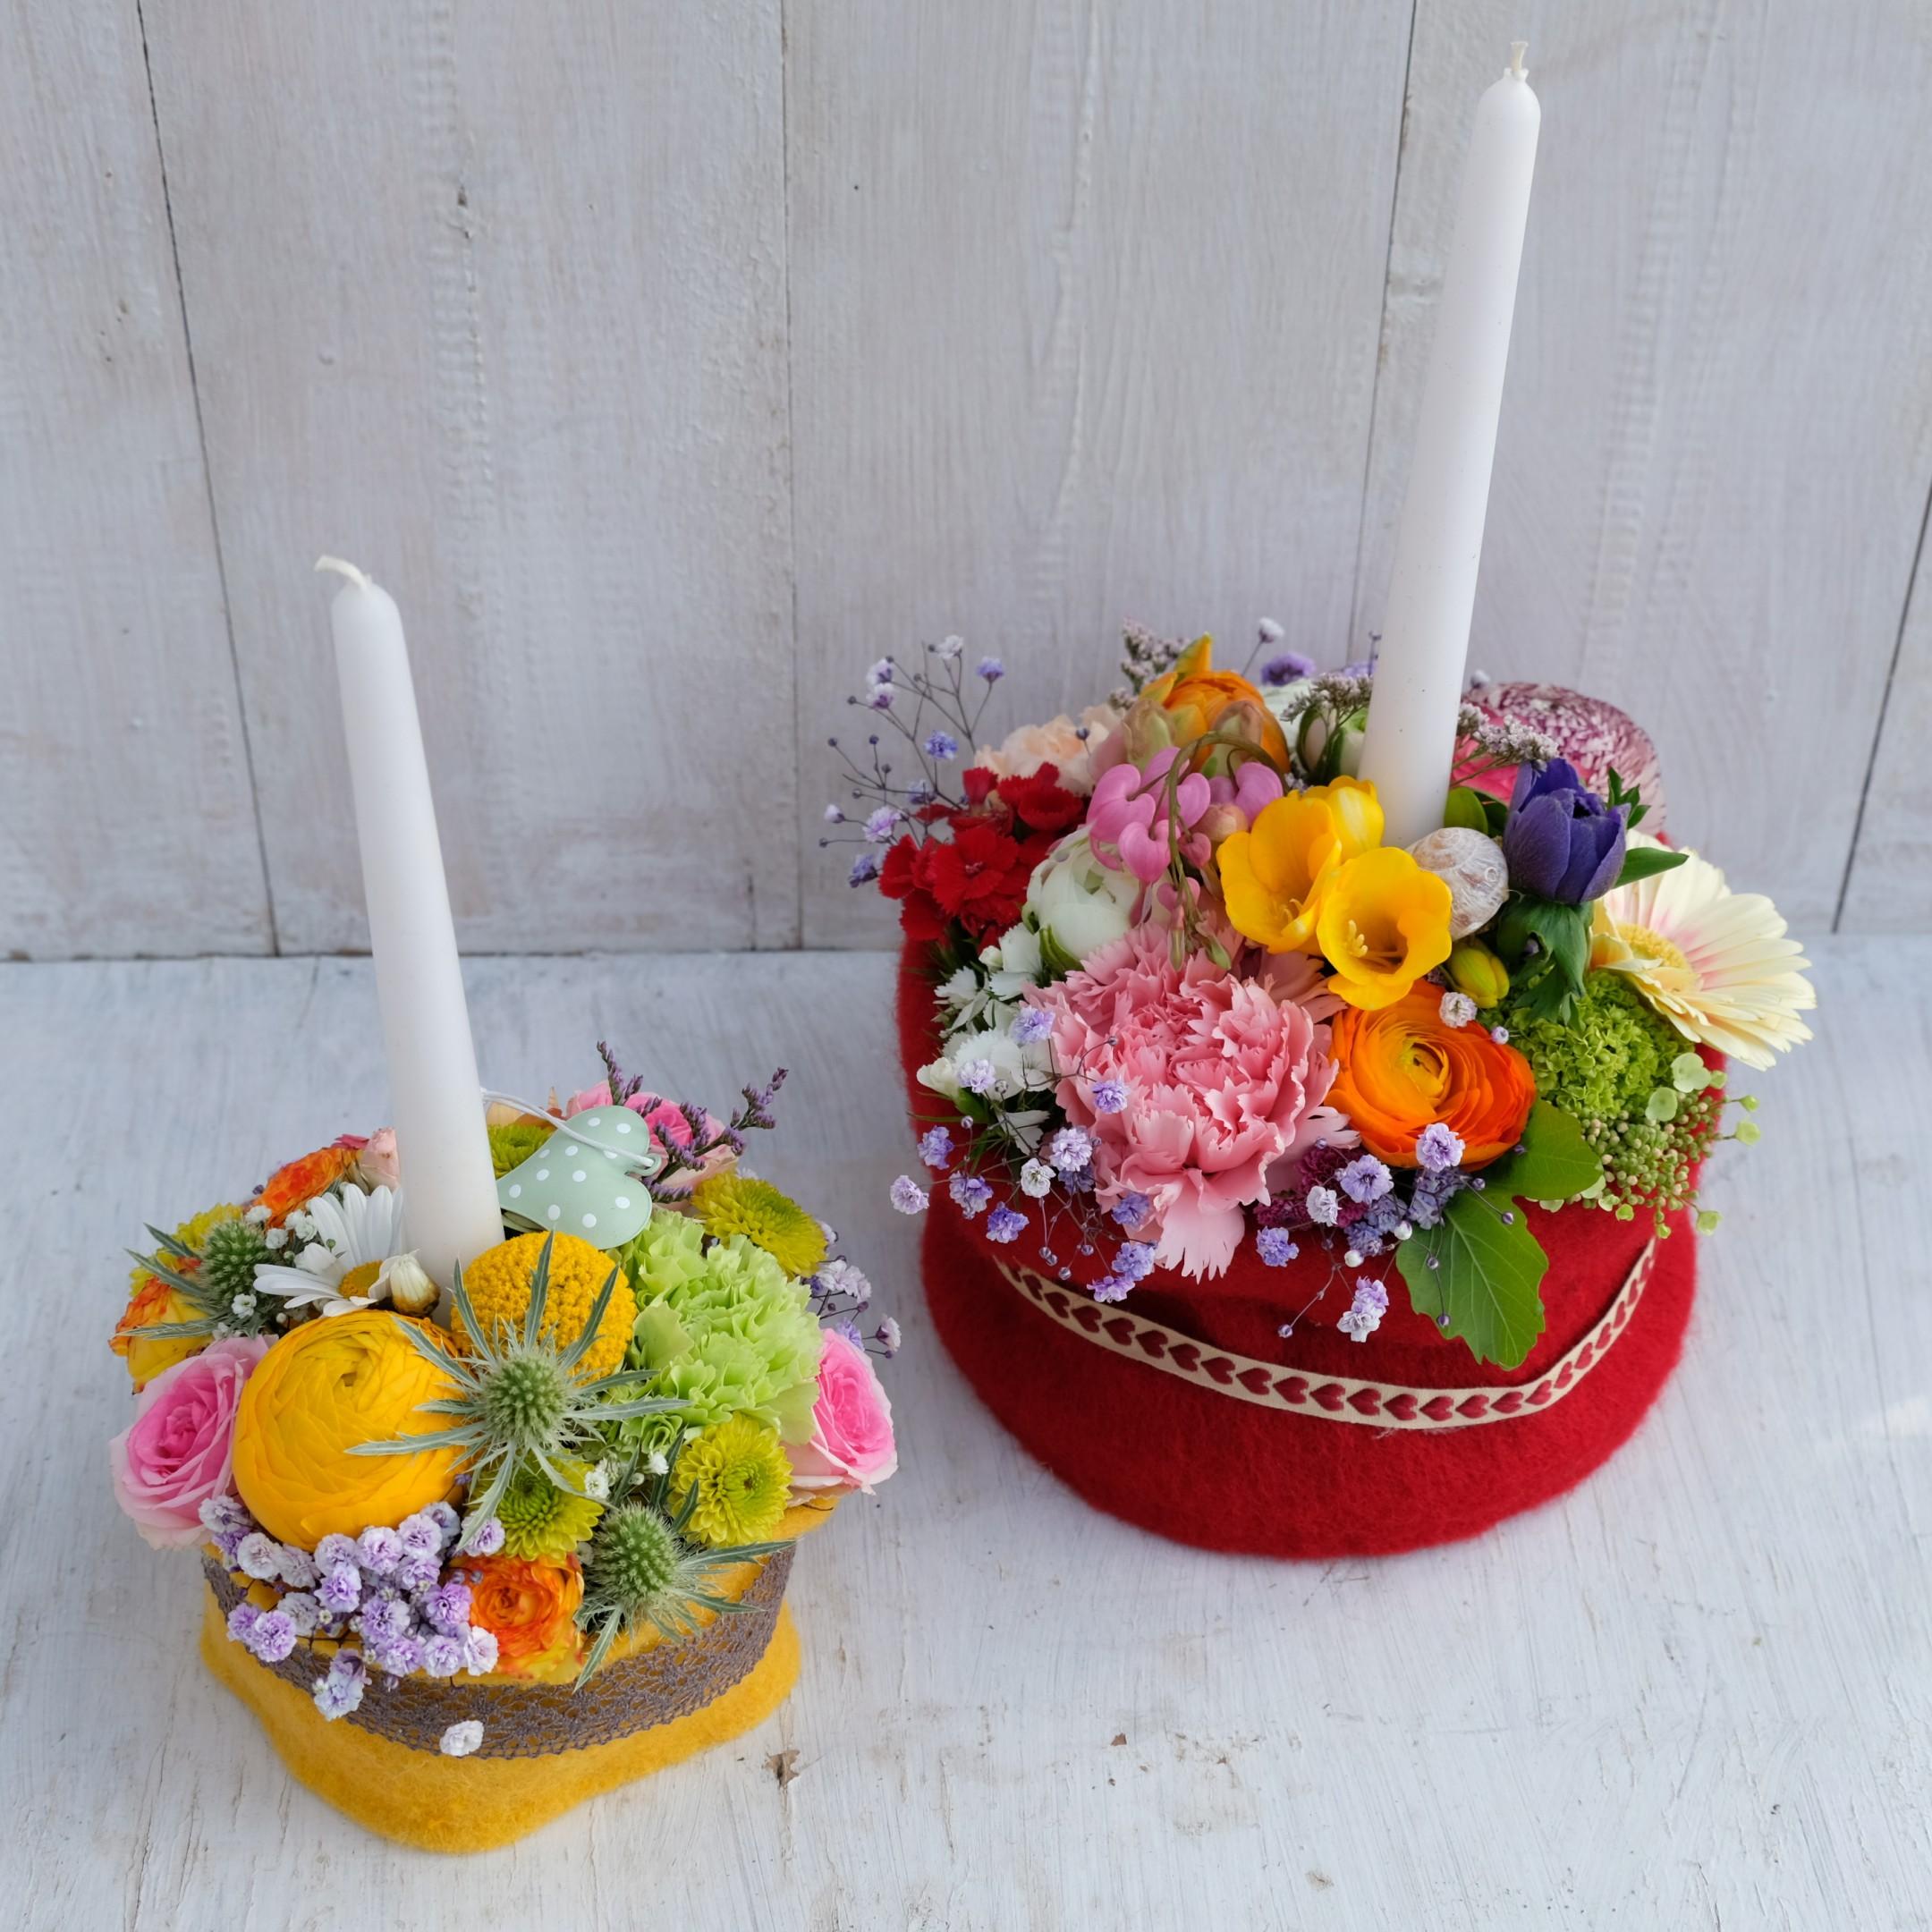 Mamas Blumentorte Bild 1